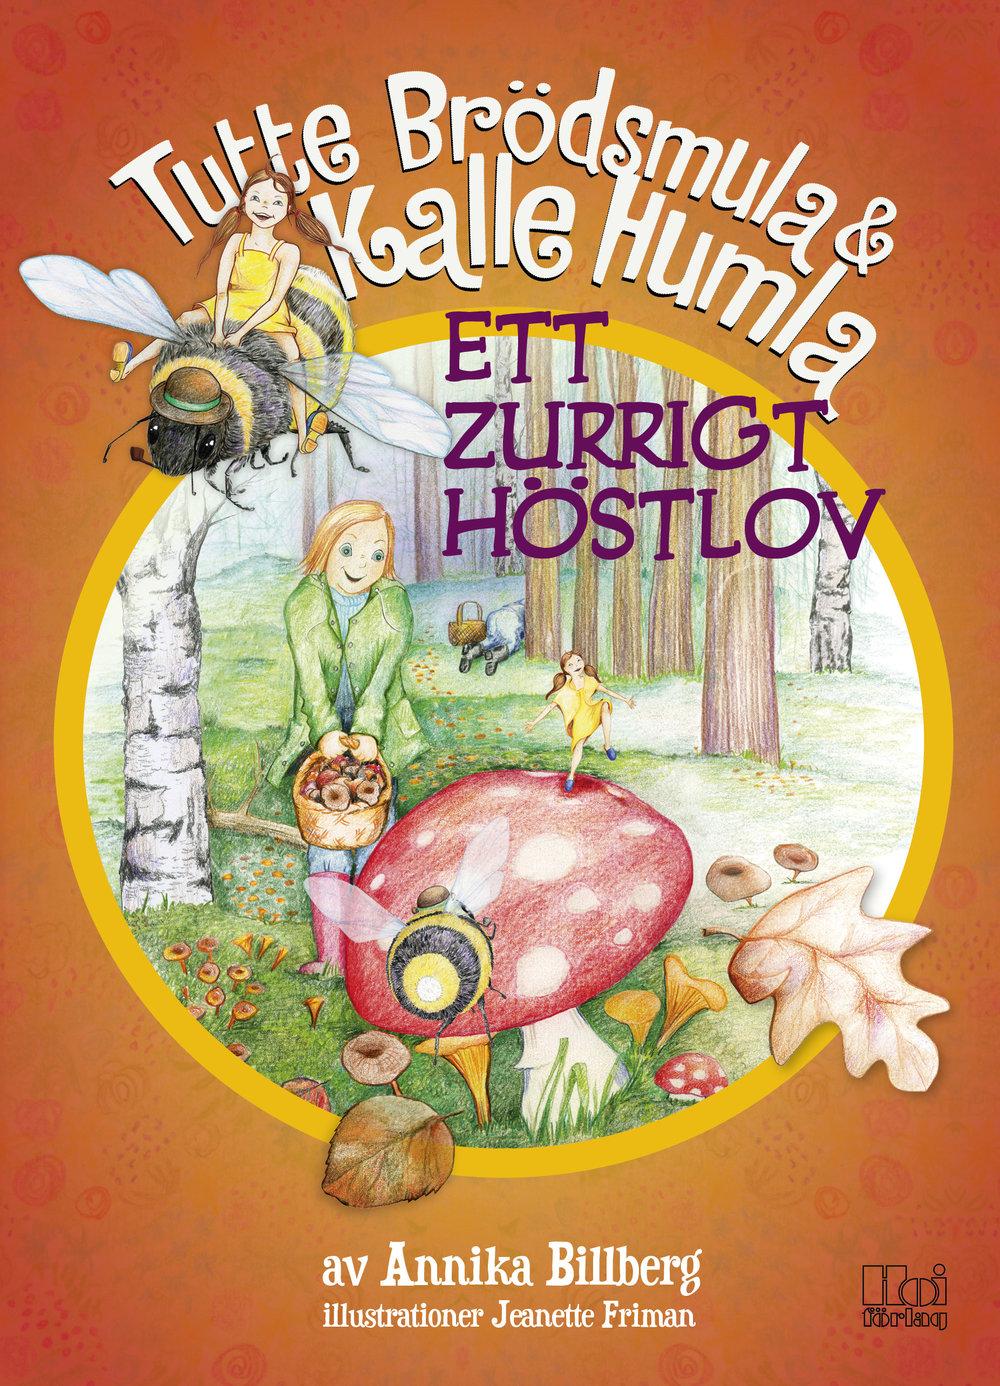 Tutte Brödsmula & Kalle Humla - Ett zurrigt höstlov